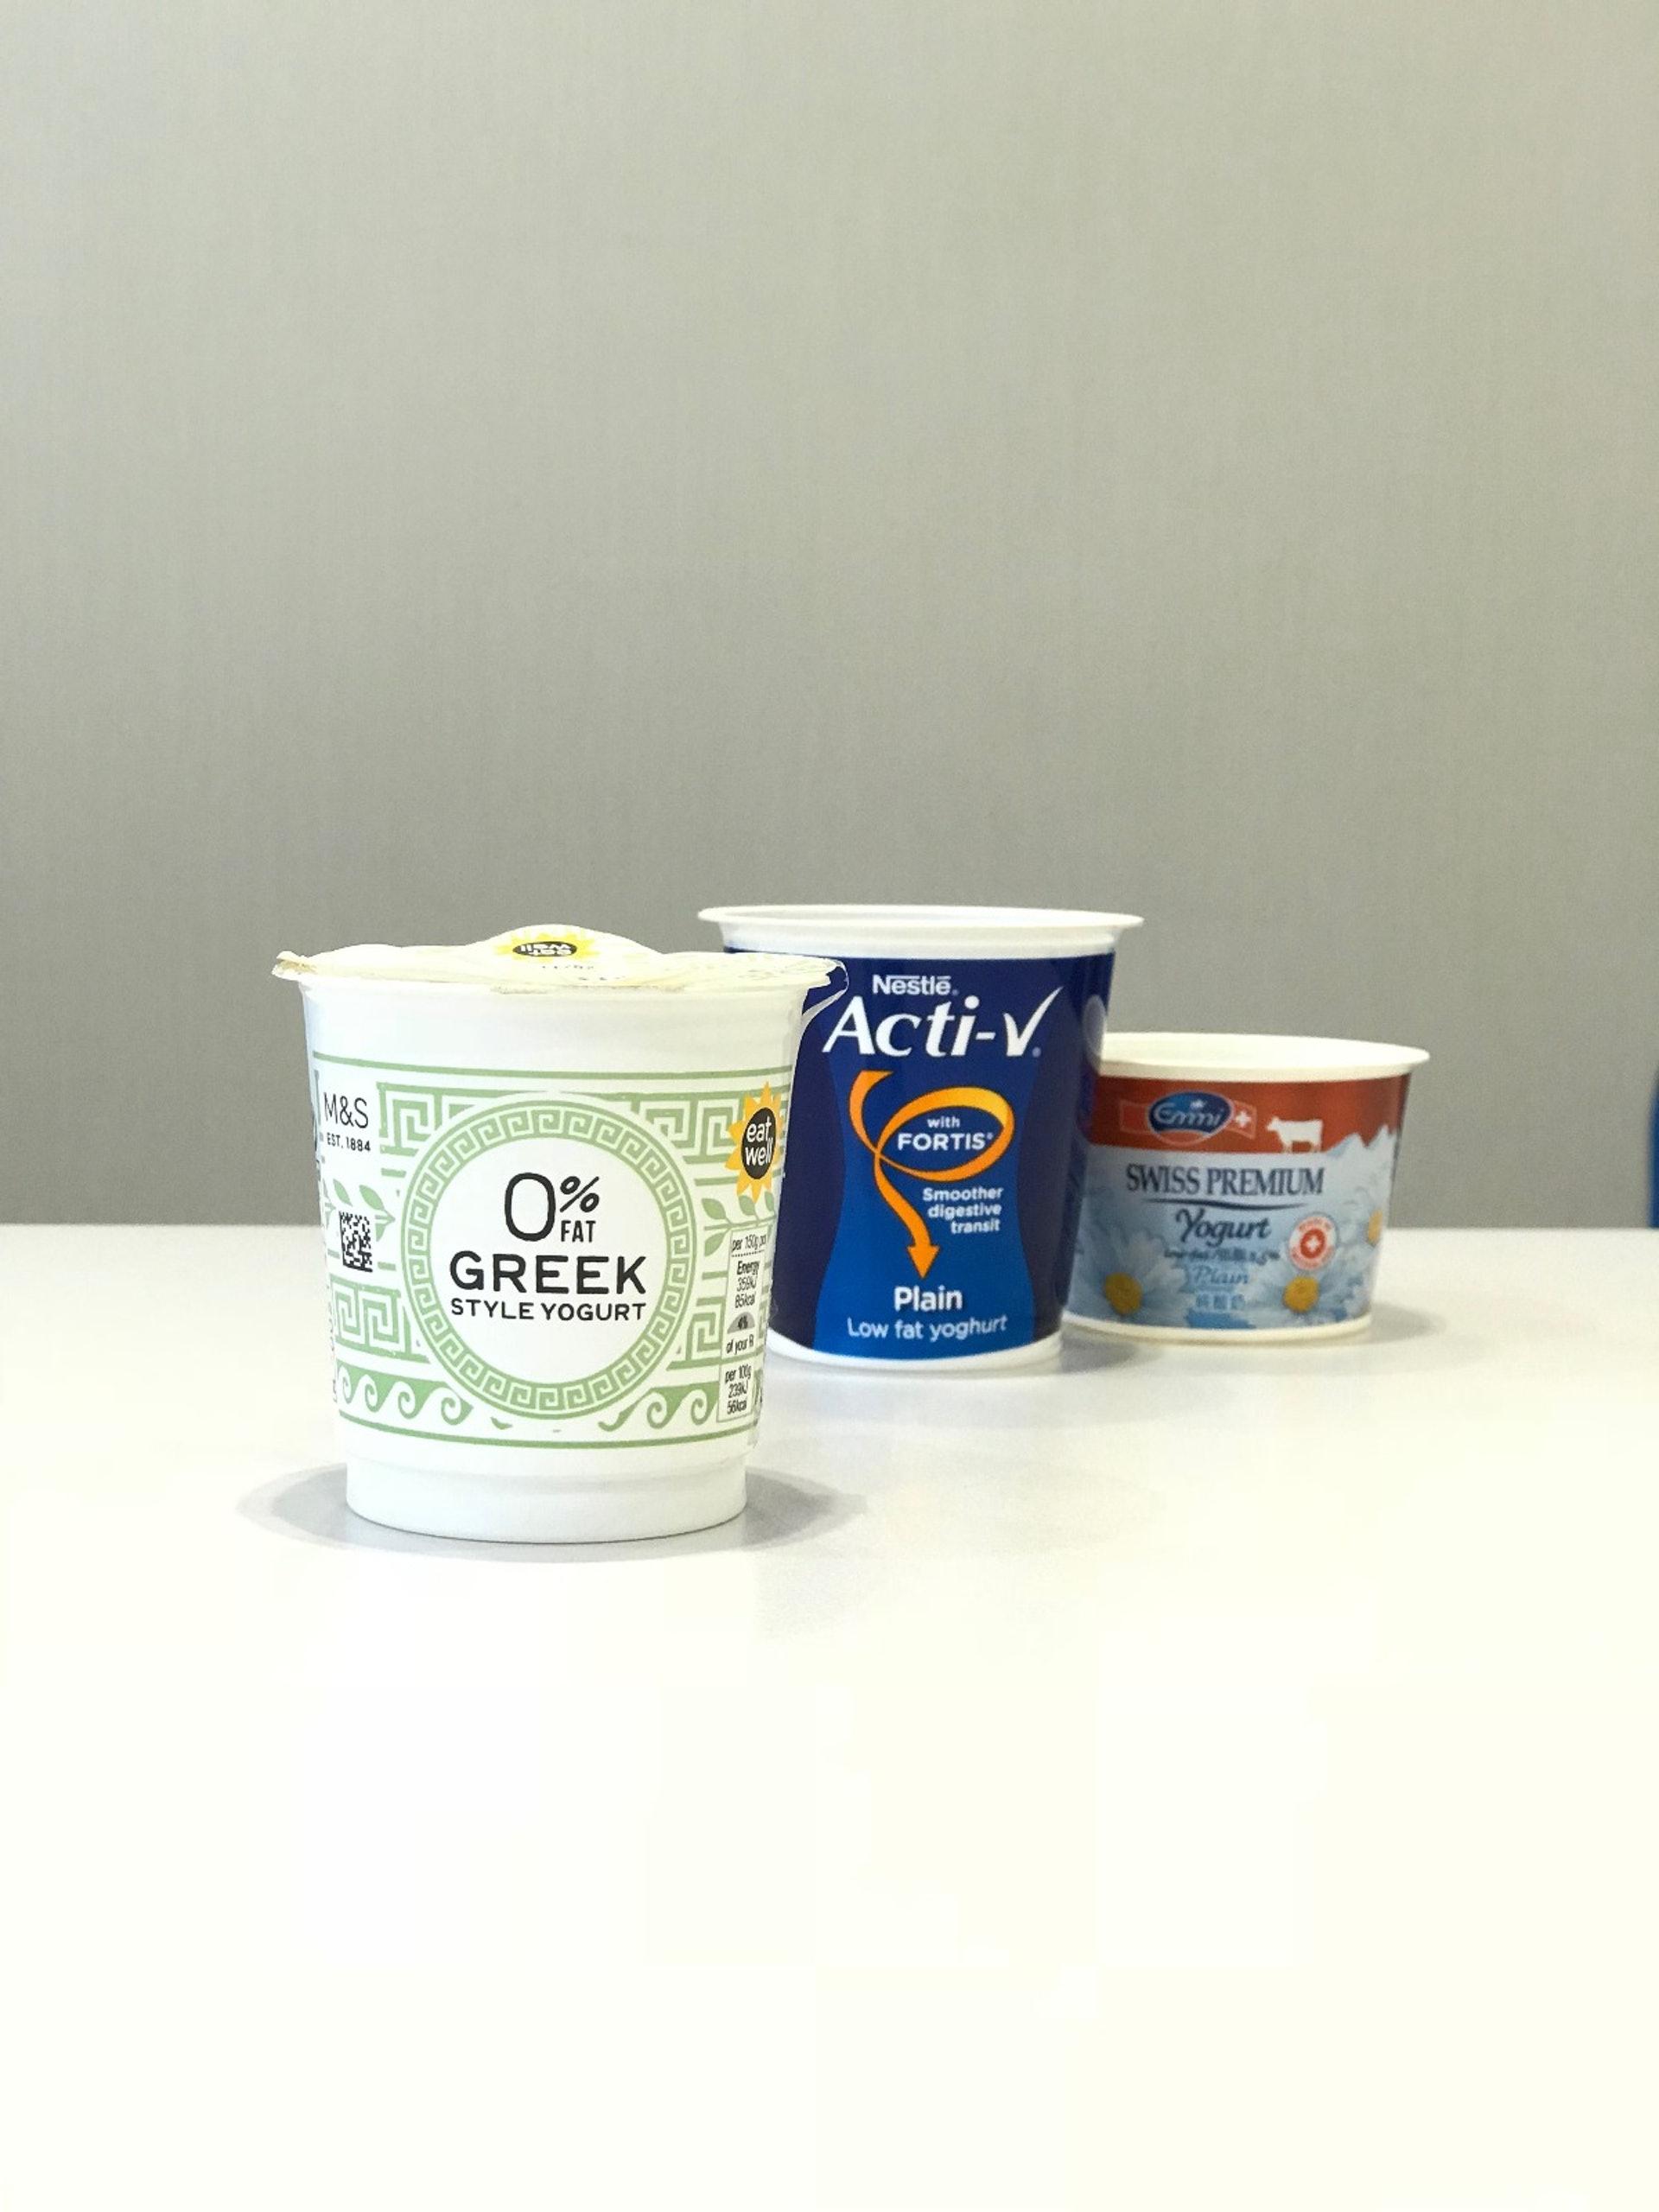 食用份量的脫脂乳酪大約80千卡,脂肪則1克。(受訪者提供)